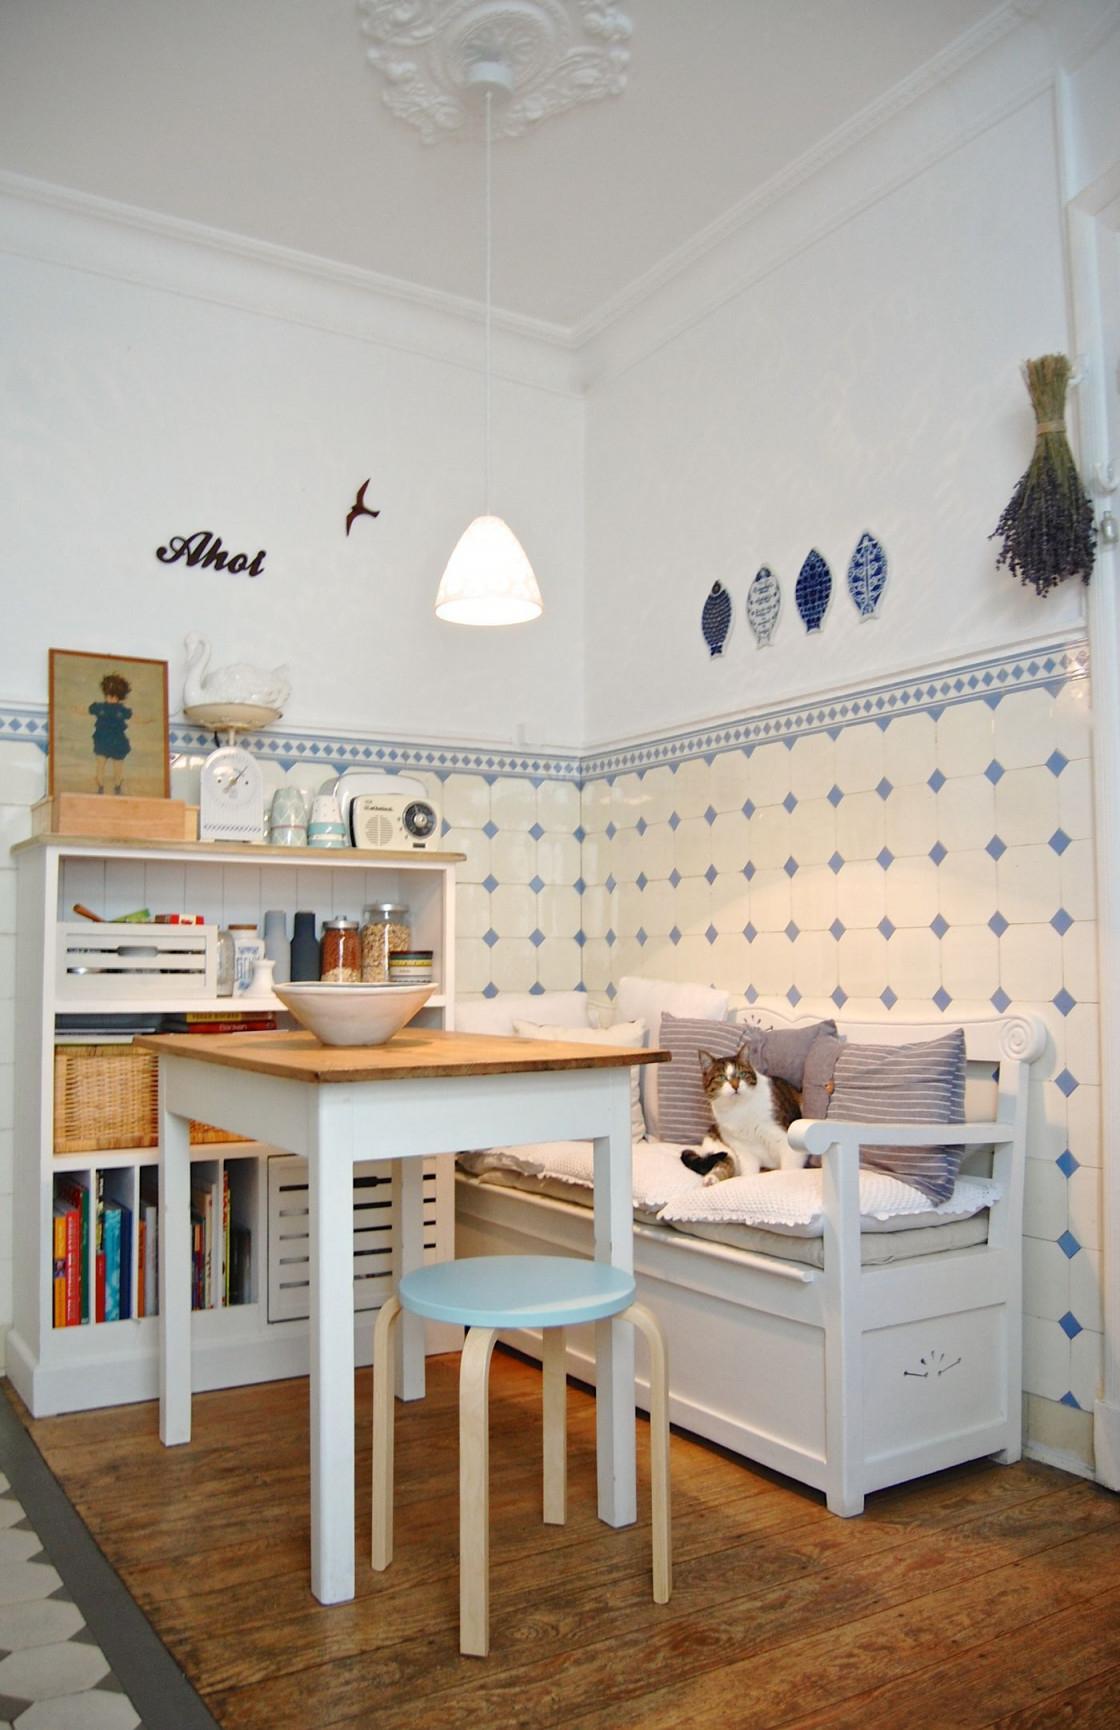 Wohnen Wie Am Meer Maritime Deko Und Einrichtungsideen von Maritime Deko Wohnzimmer Bild